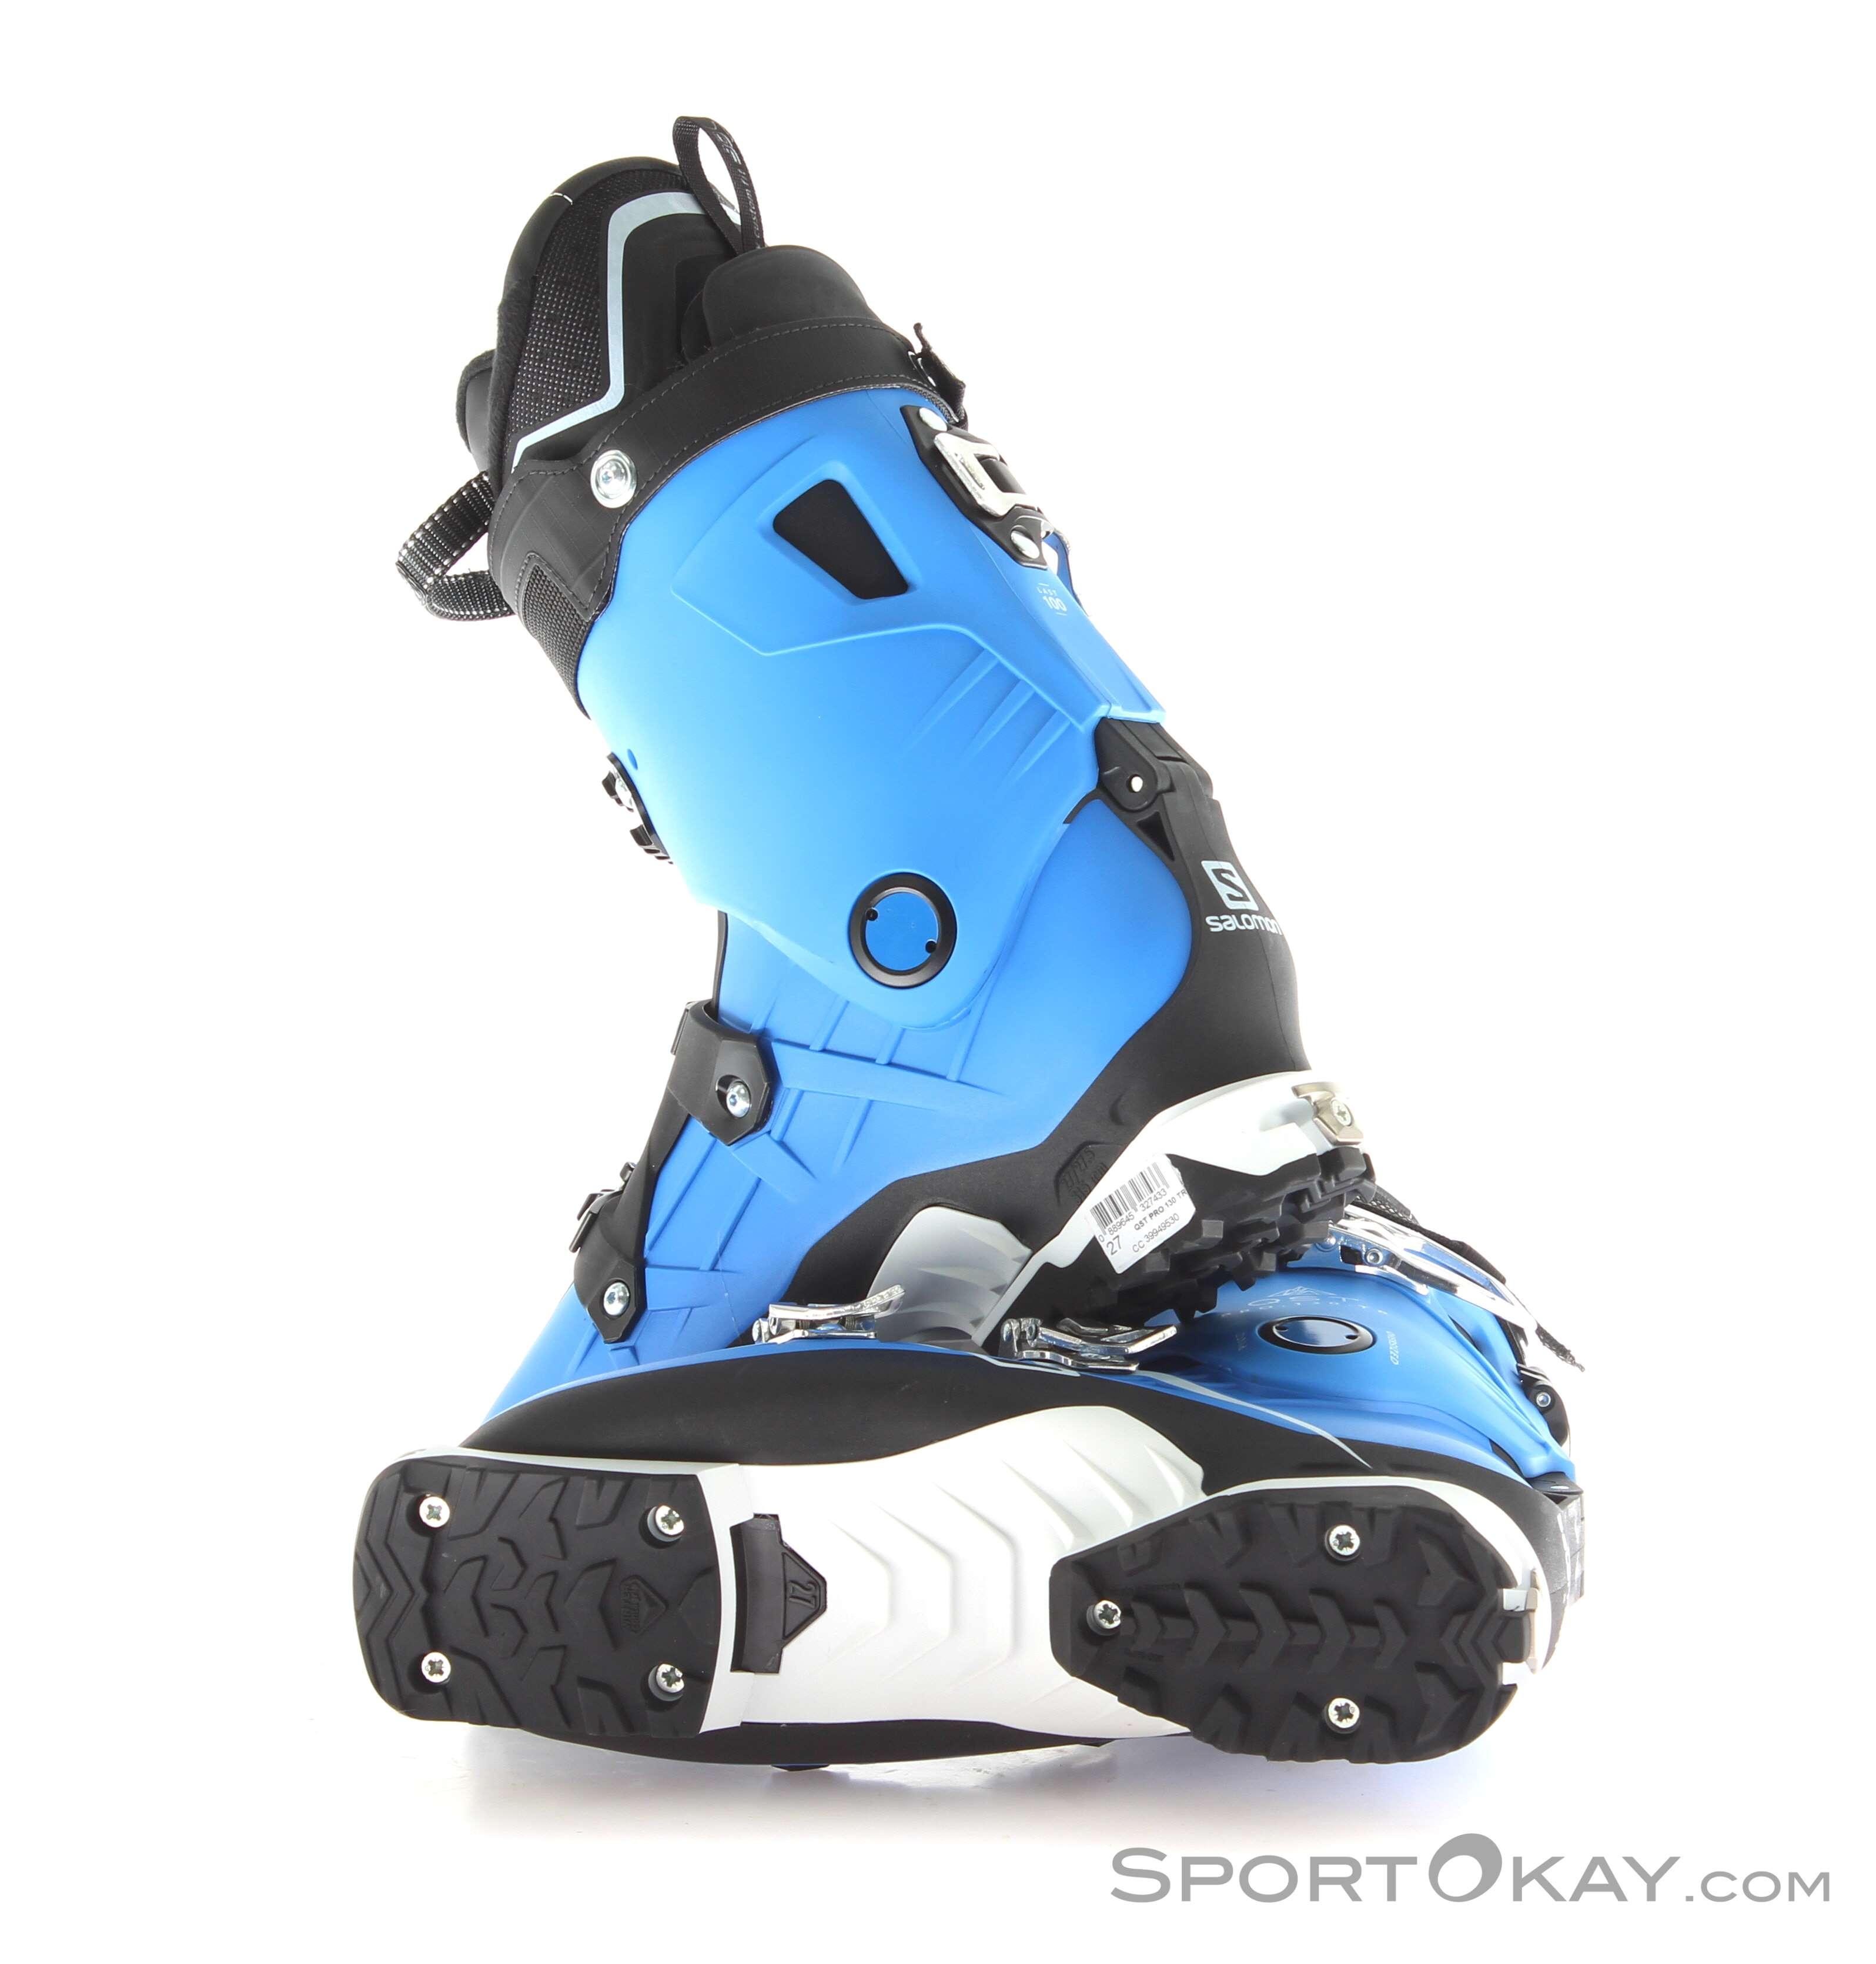 Salomon QST Pro 130 TR Mens Ski Boots - Ski Touring Boots - Ski ... ade38efa4